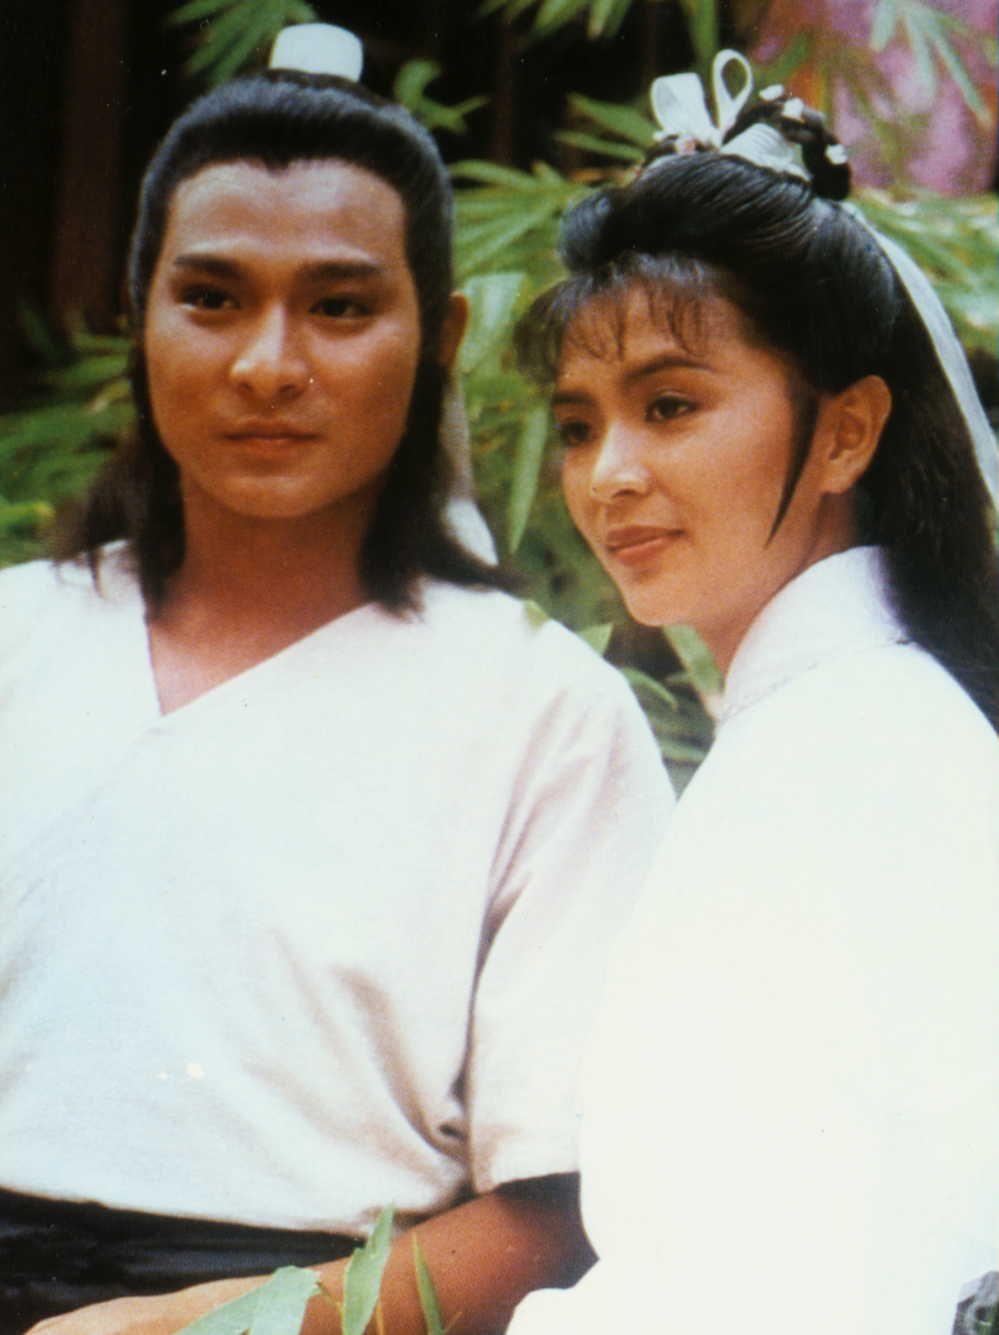 http://xemphimhay247.com - Xem phim hay 247 - Thần Điêu Đại Hiệp (1983) - The Return Of The Condor Heroes (1983)